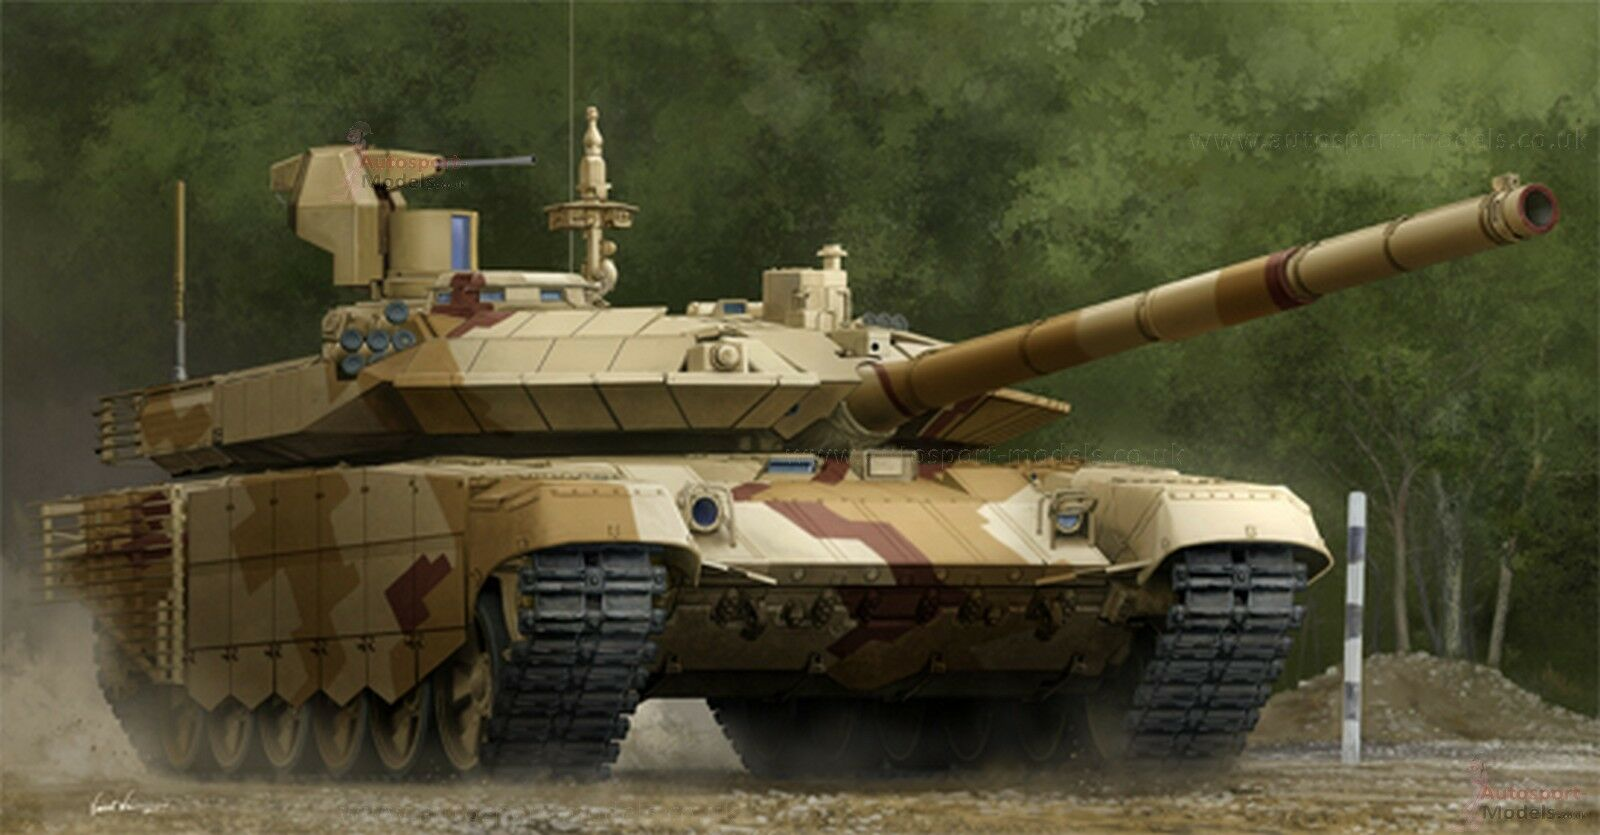 1 35 rysk T-90S modeRRIZED (Mod 2013) modelll kit av Trumpeter (09524